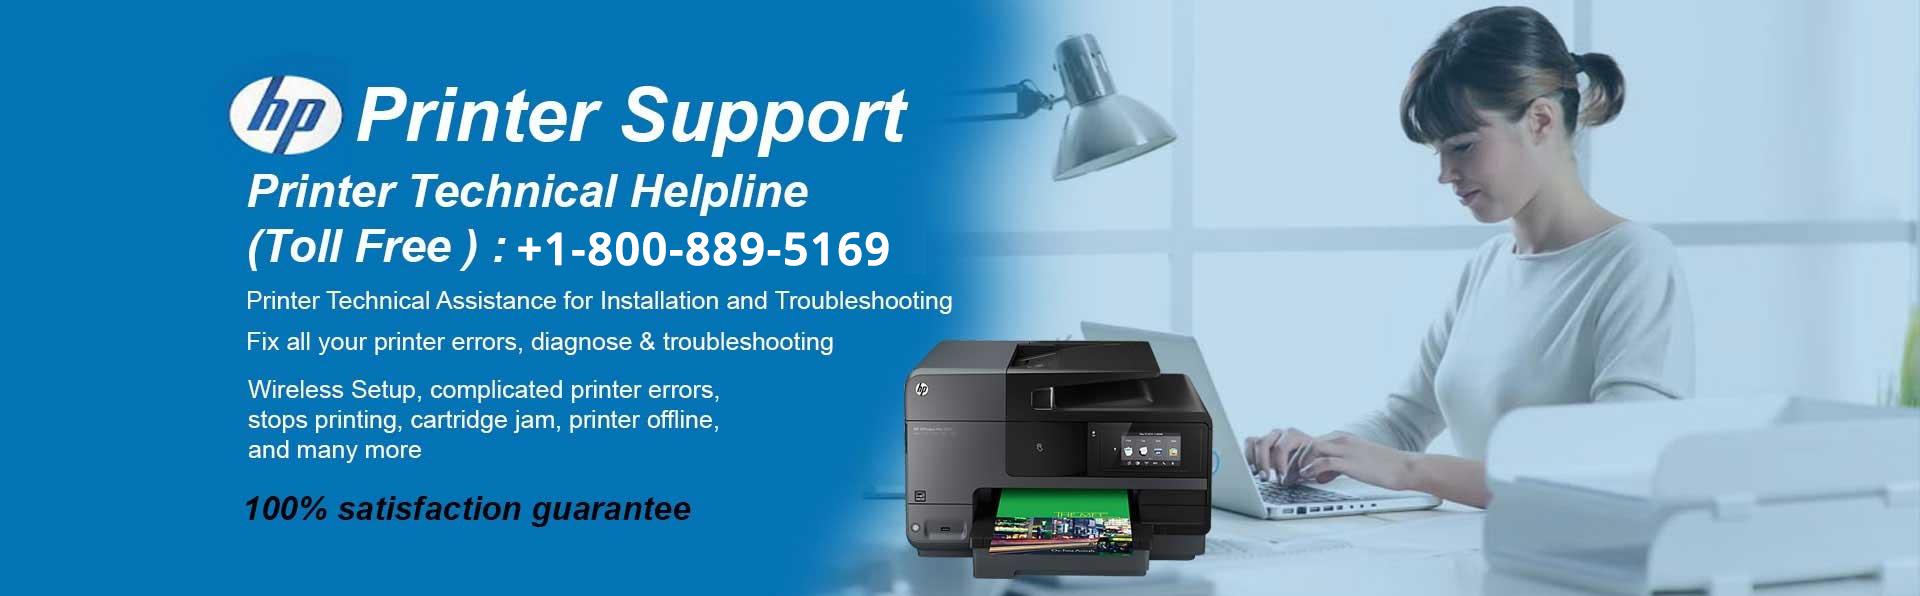 Hp Wireless Printer Helpline Phone Number Wire Center 2006 Chevy Impala Serpentine Belt Diagram34l Engine Laserjet Support 1 800 889 5169 Us Toll Free Rh Hpsupporthelpline Com